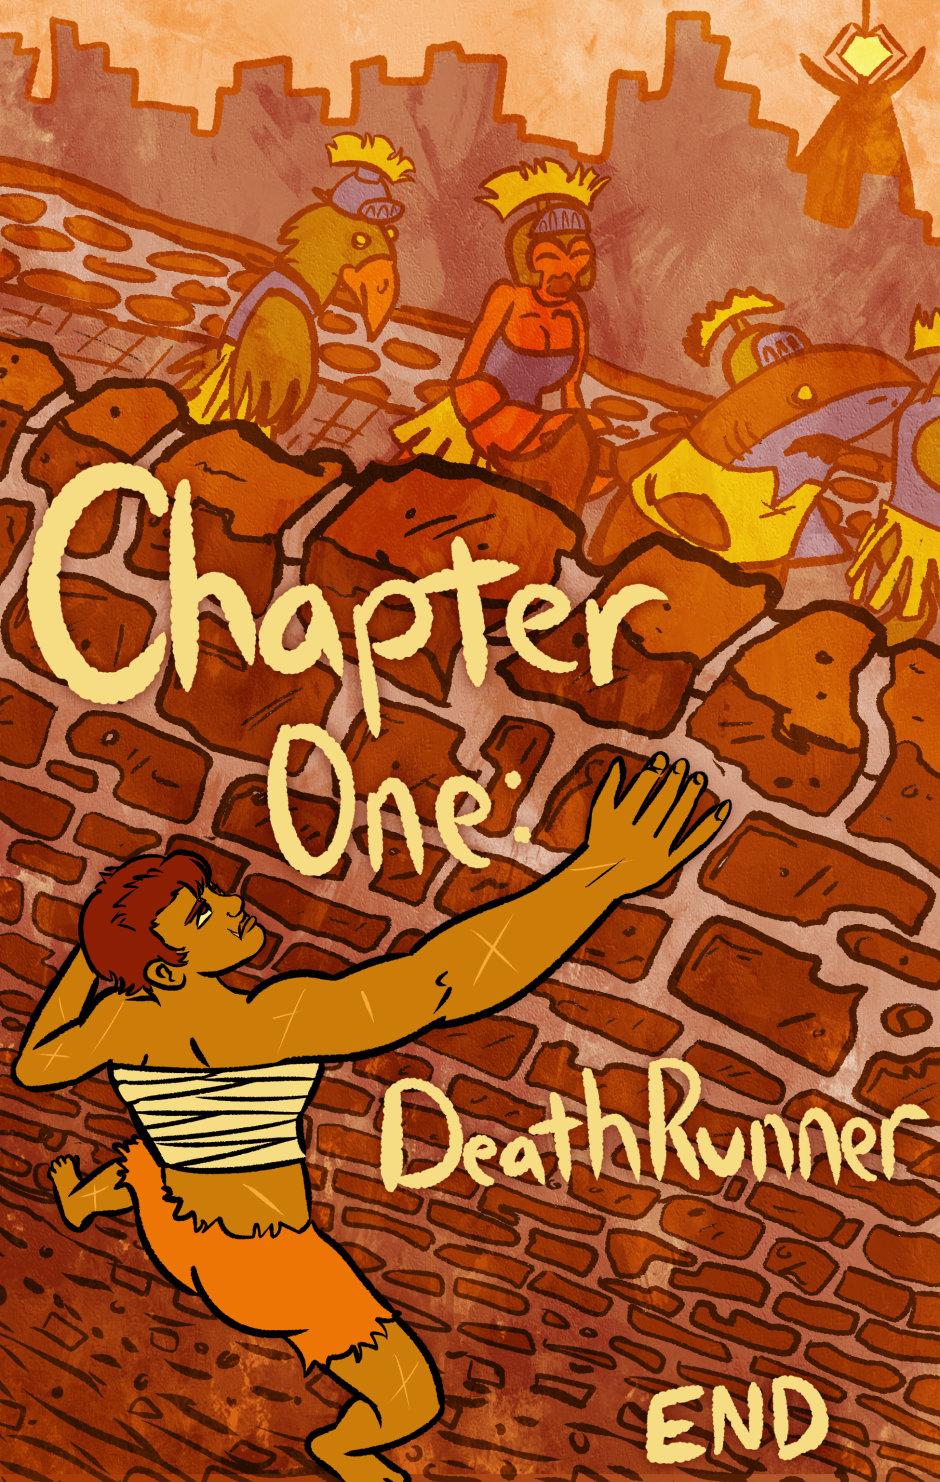 8/16/15 Chapter 1: Deathrunner End